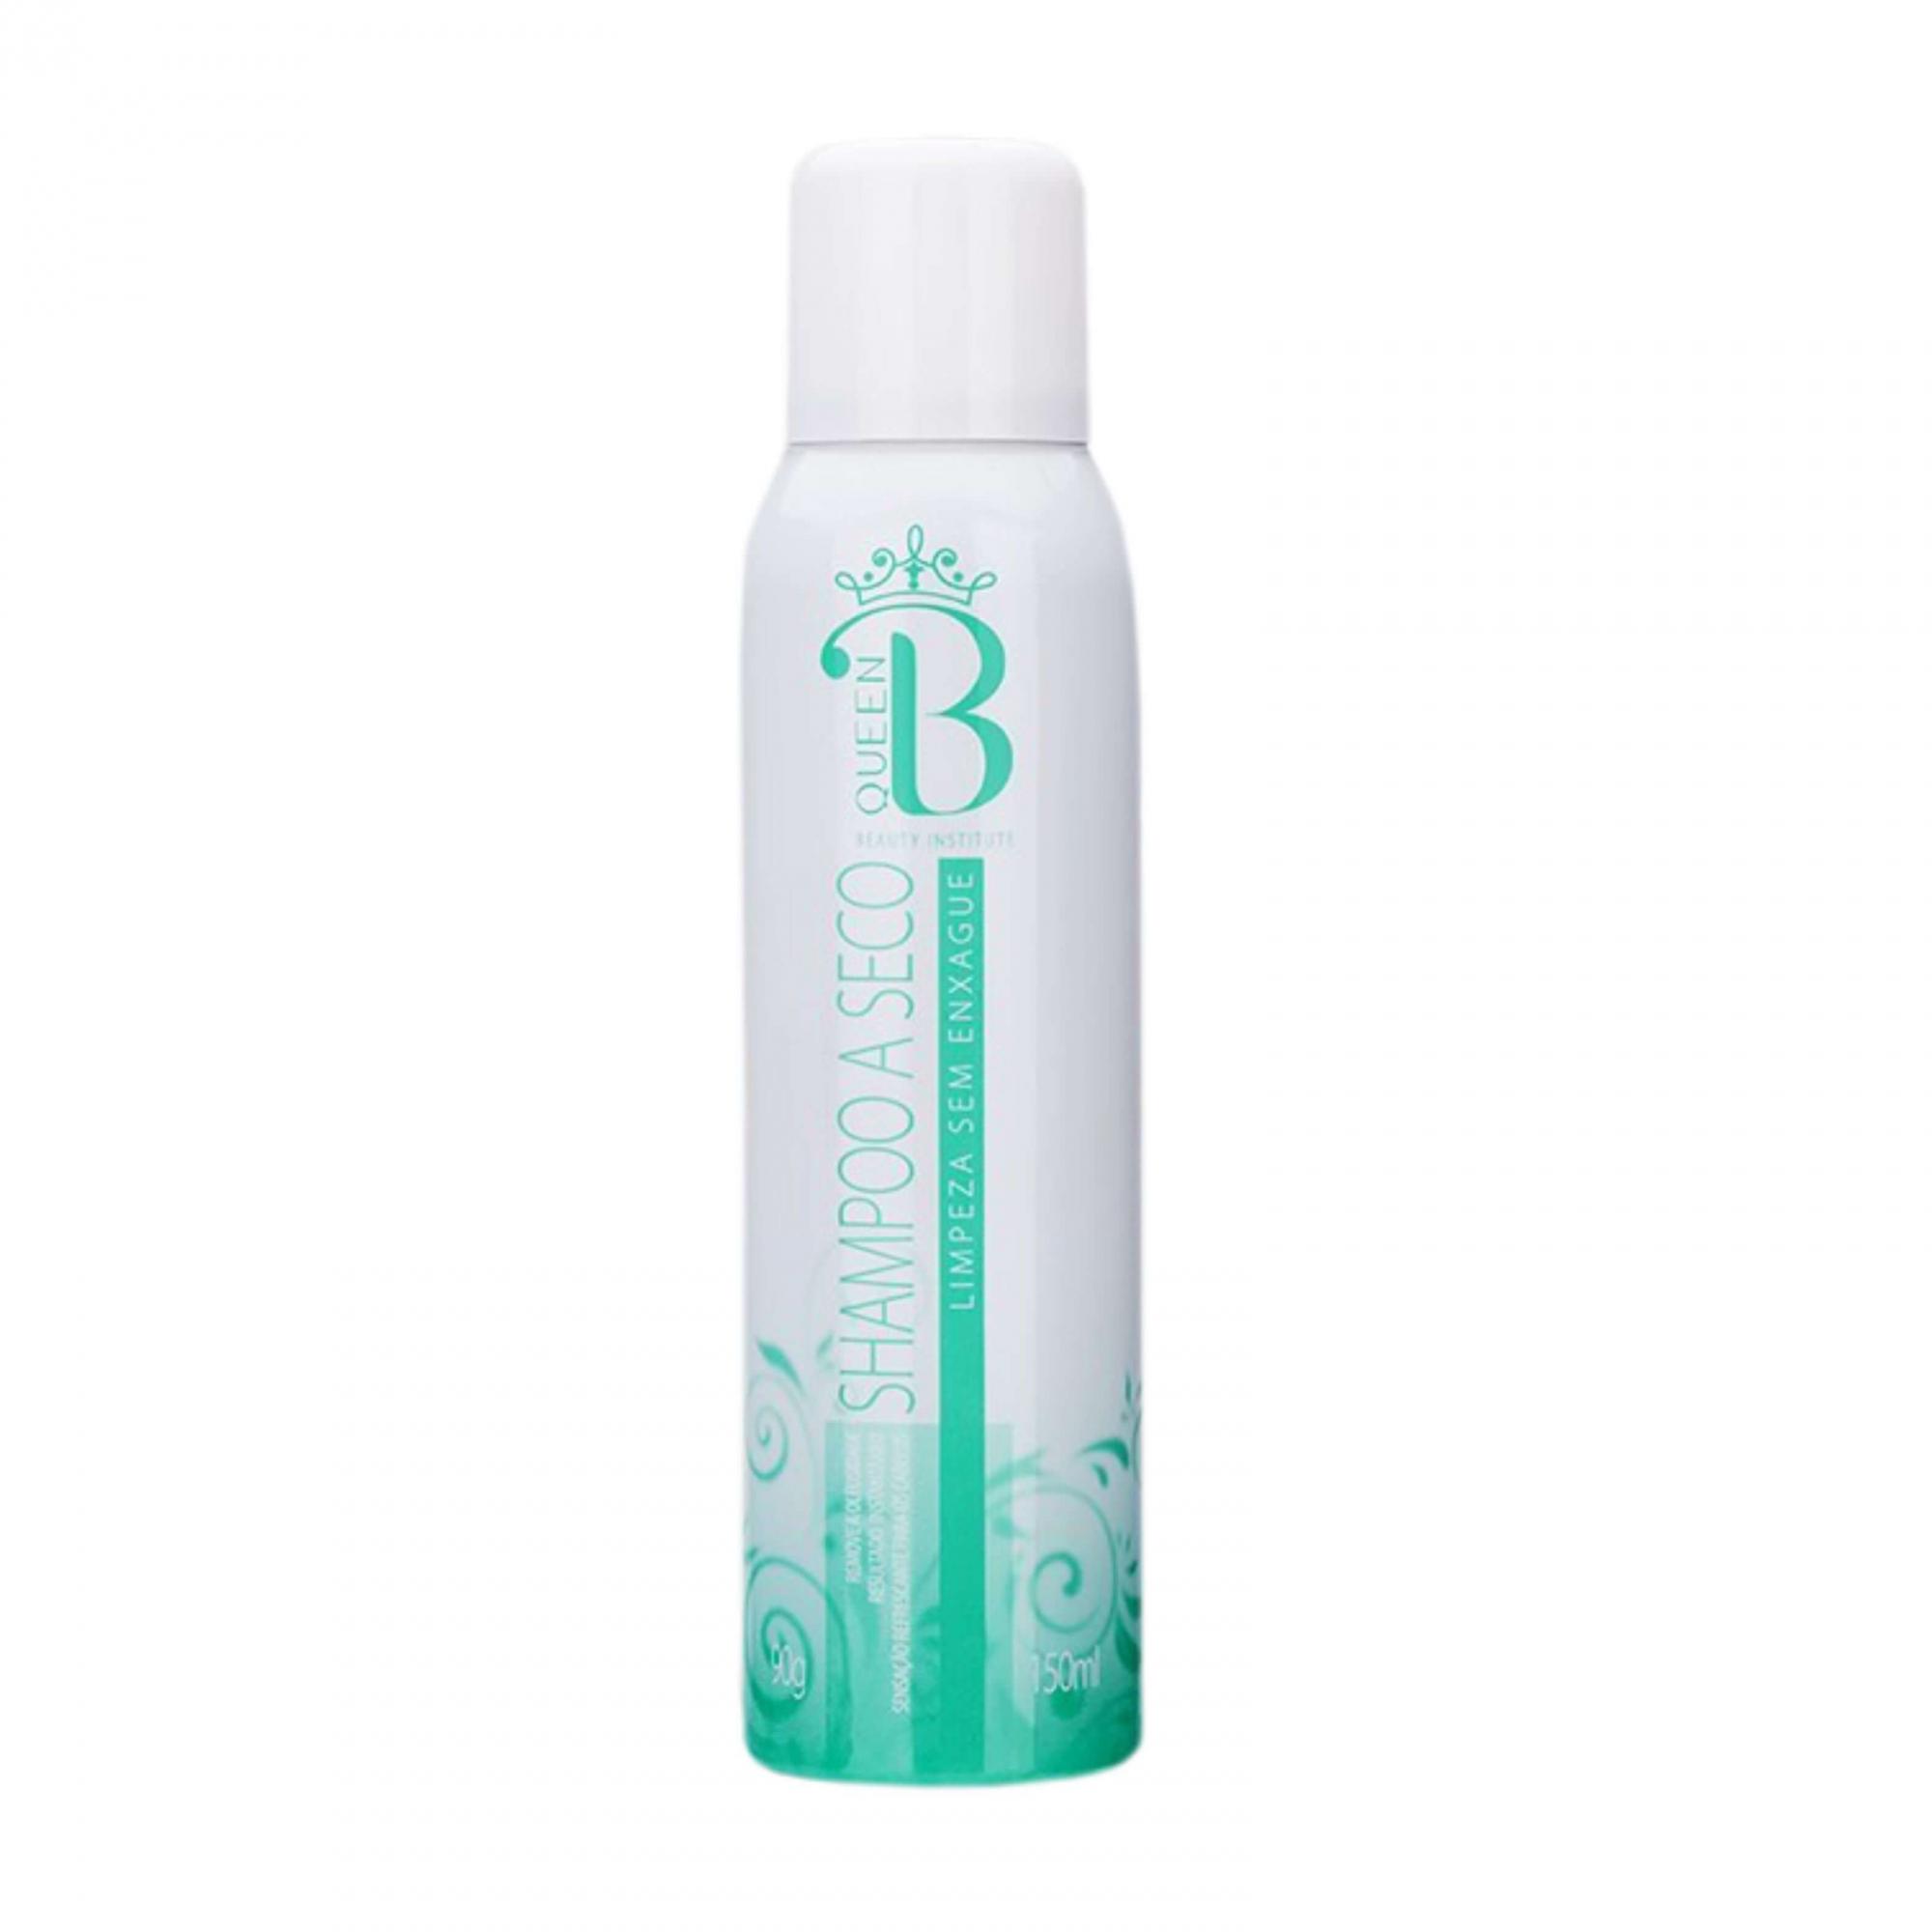 Shampoo a Seco Queen B 90g